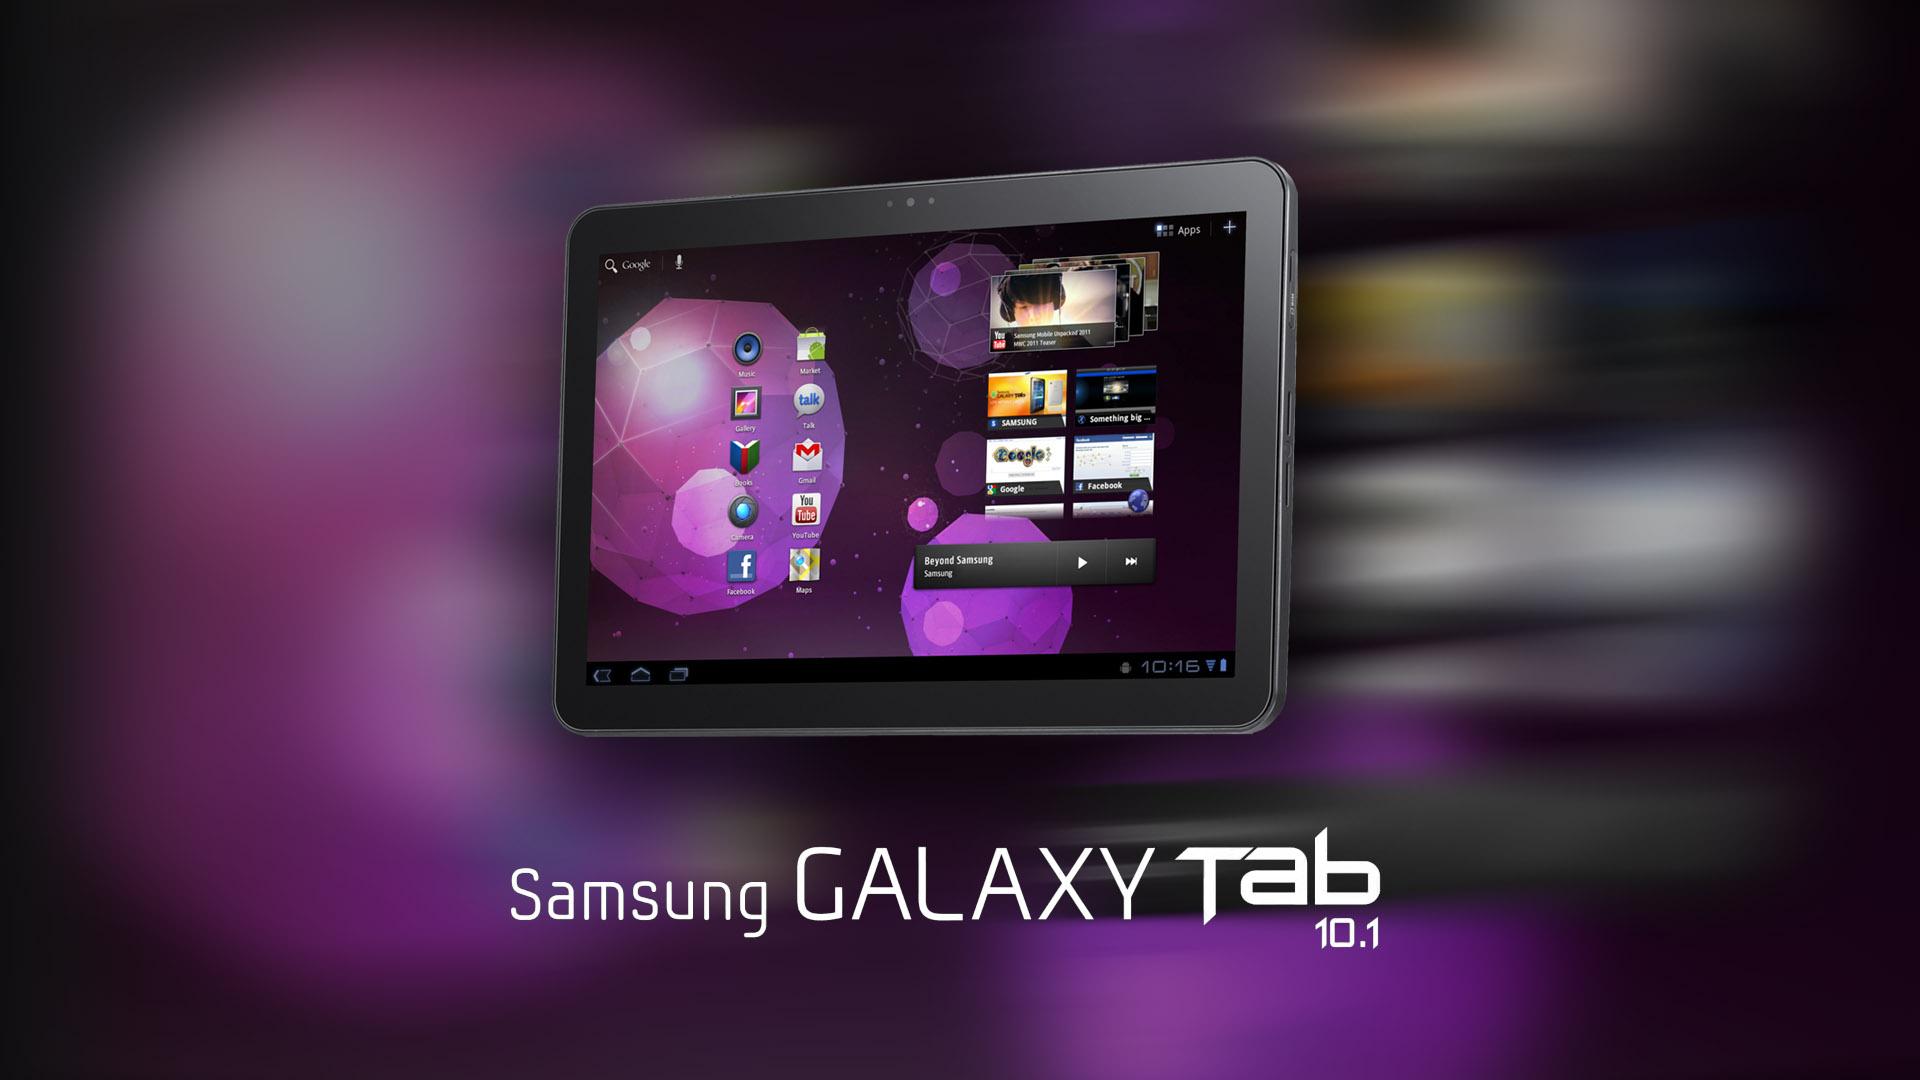 New Samsung Galaxy Tab 101 1920x1080 HD Image Gadgets 1920x1080